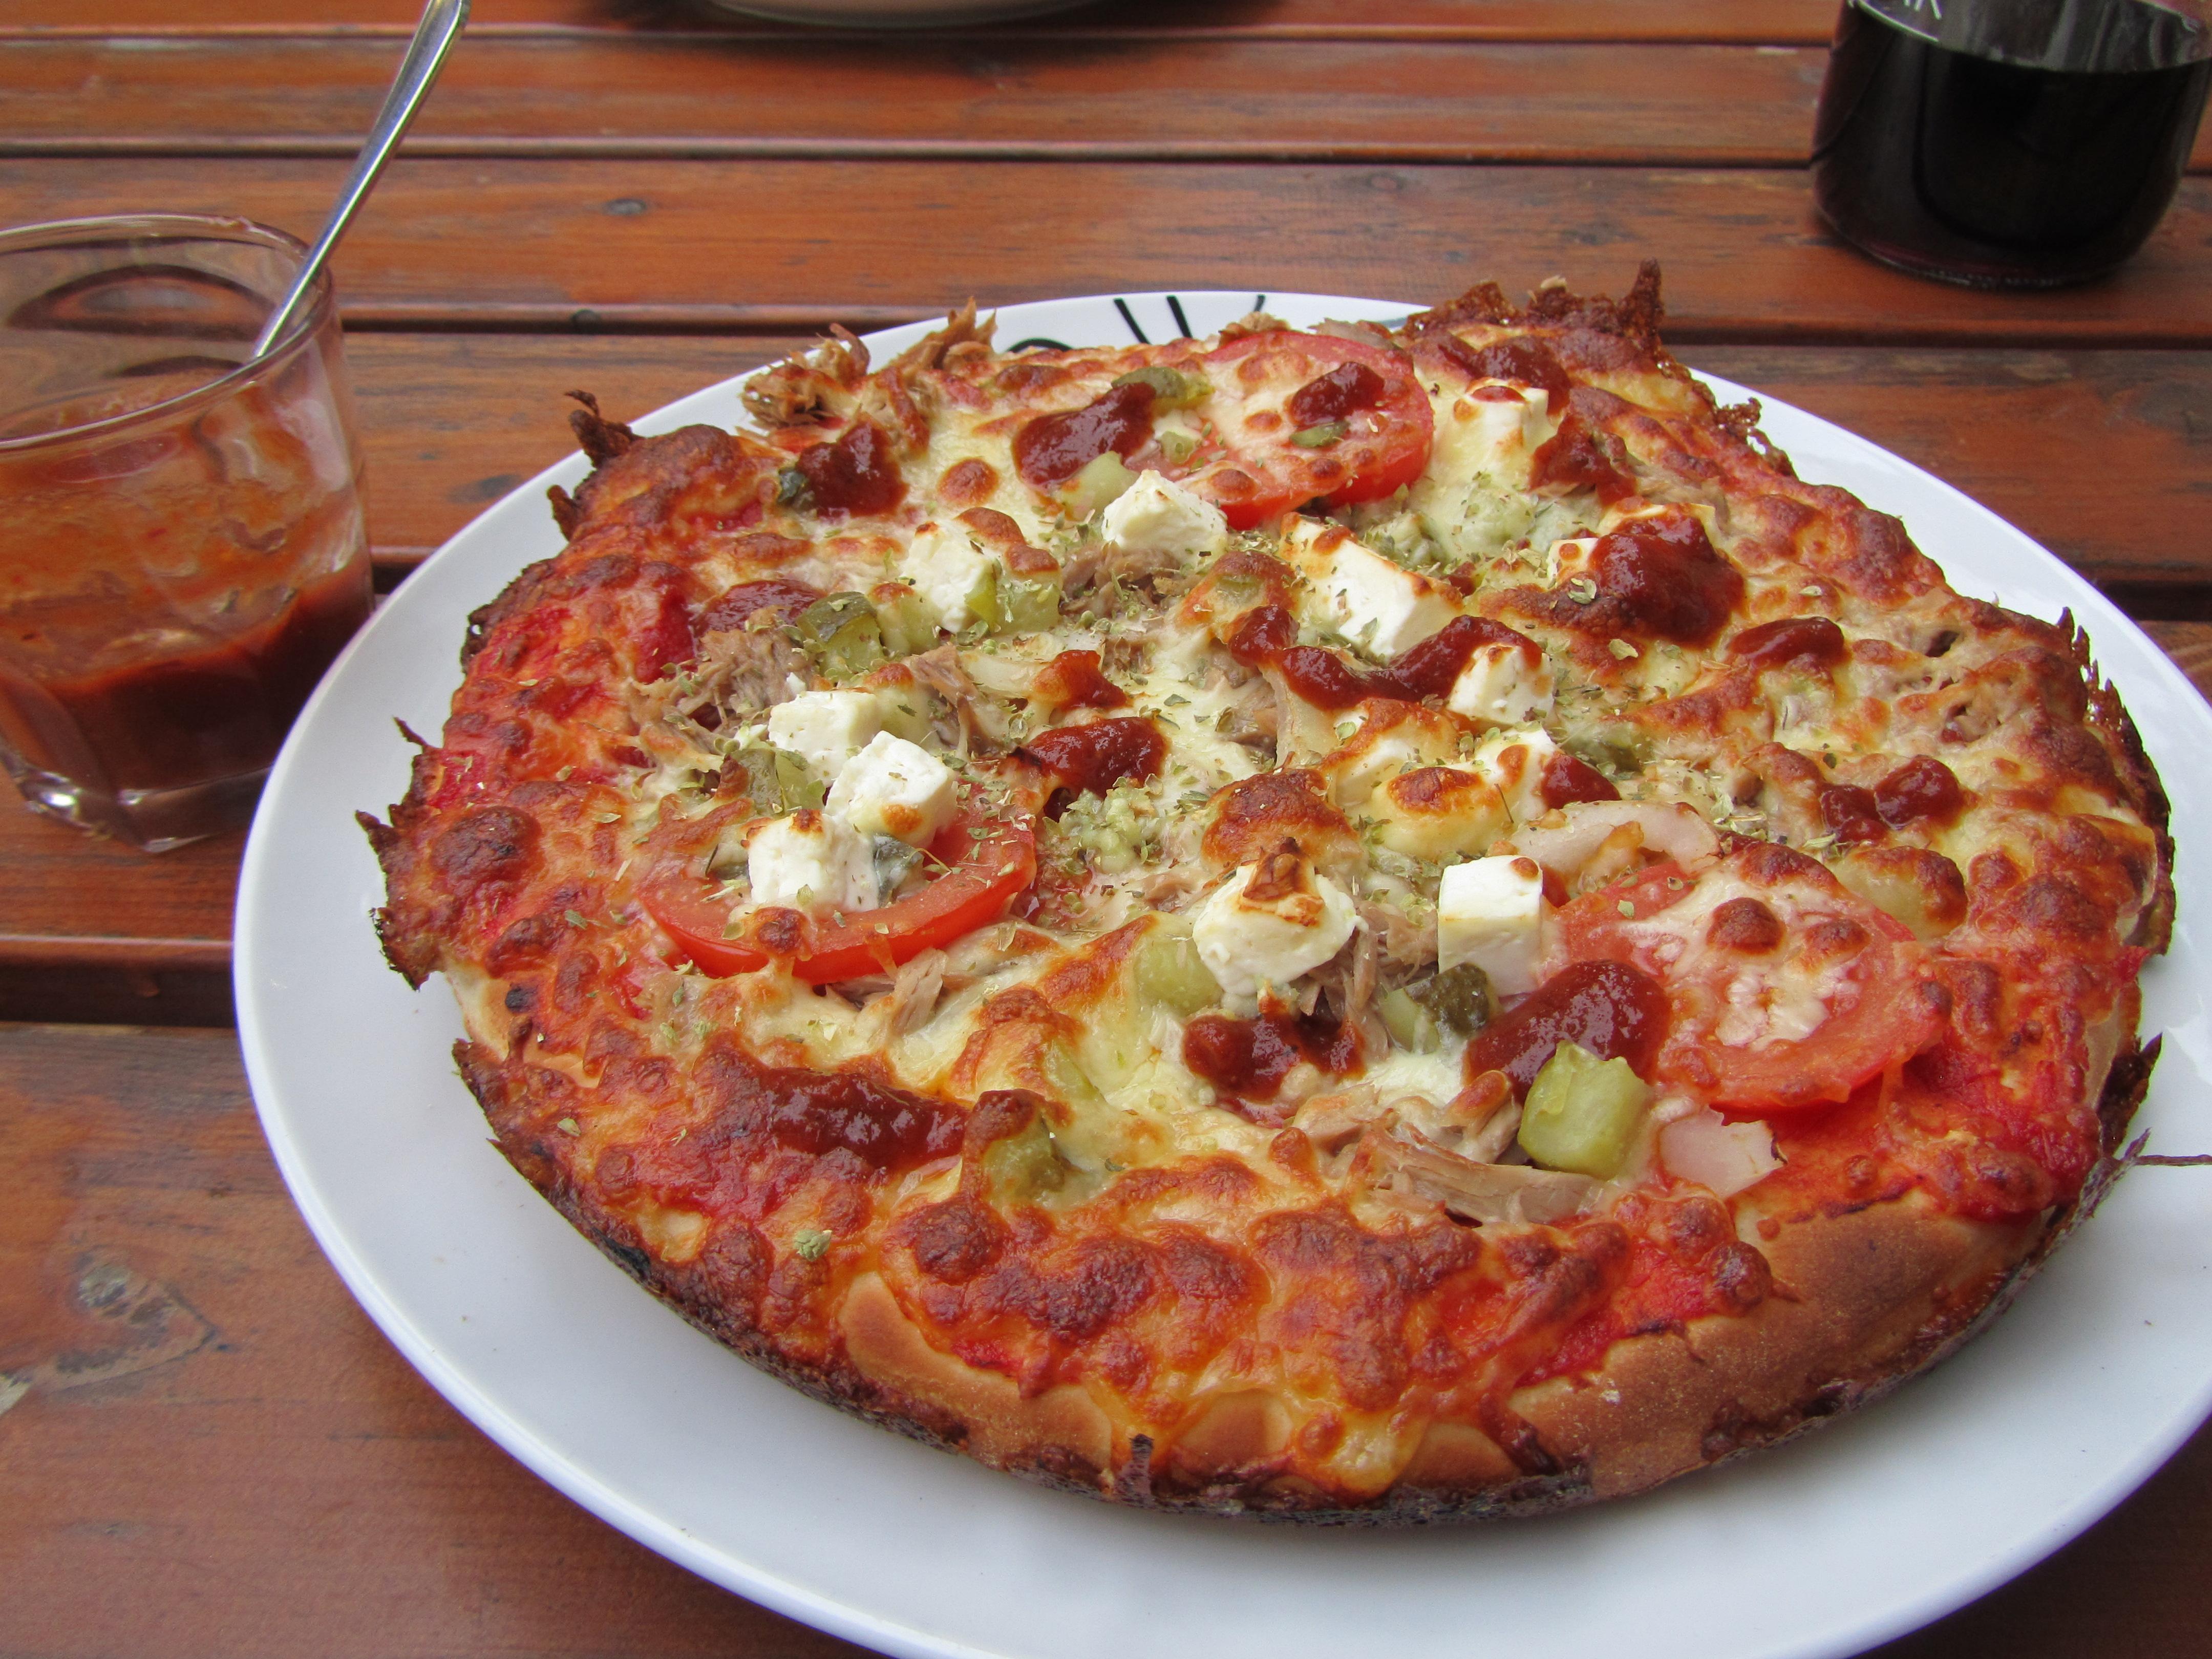 Ravintola Gaude, Länsikatu, Joensuu: Gauden herkullinen pitsa ja vahva kastike